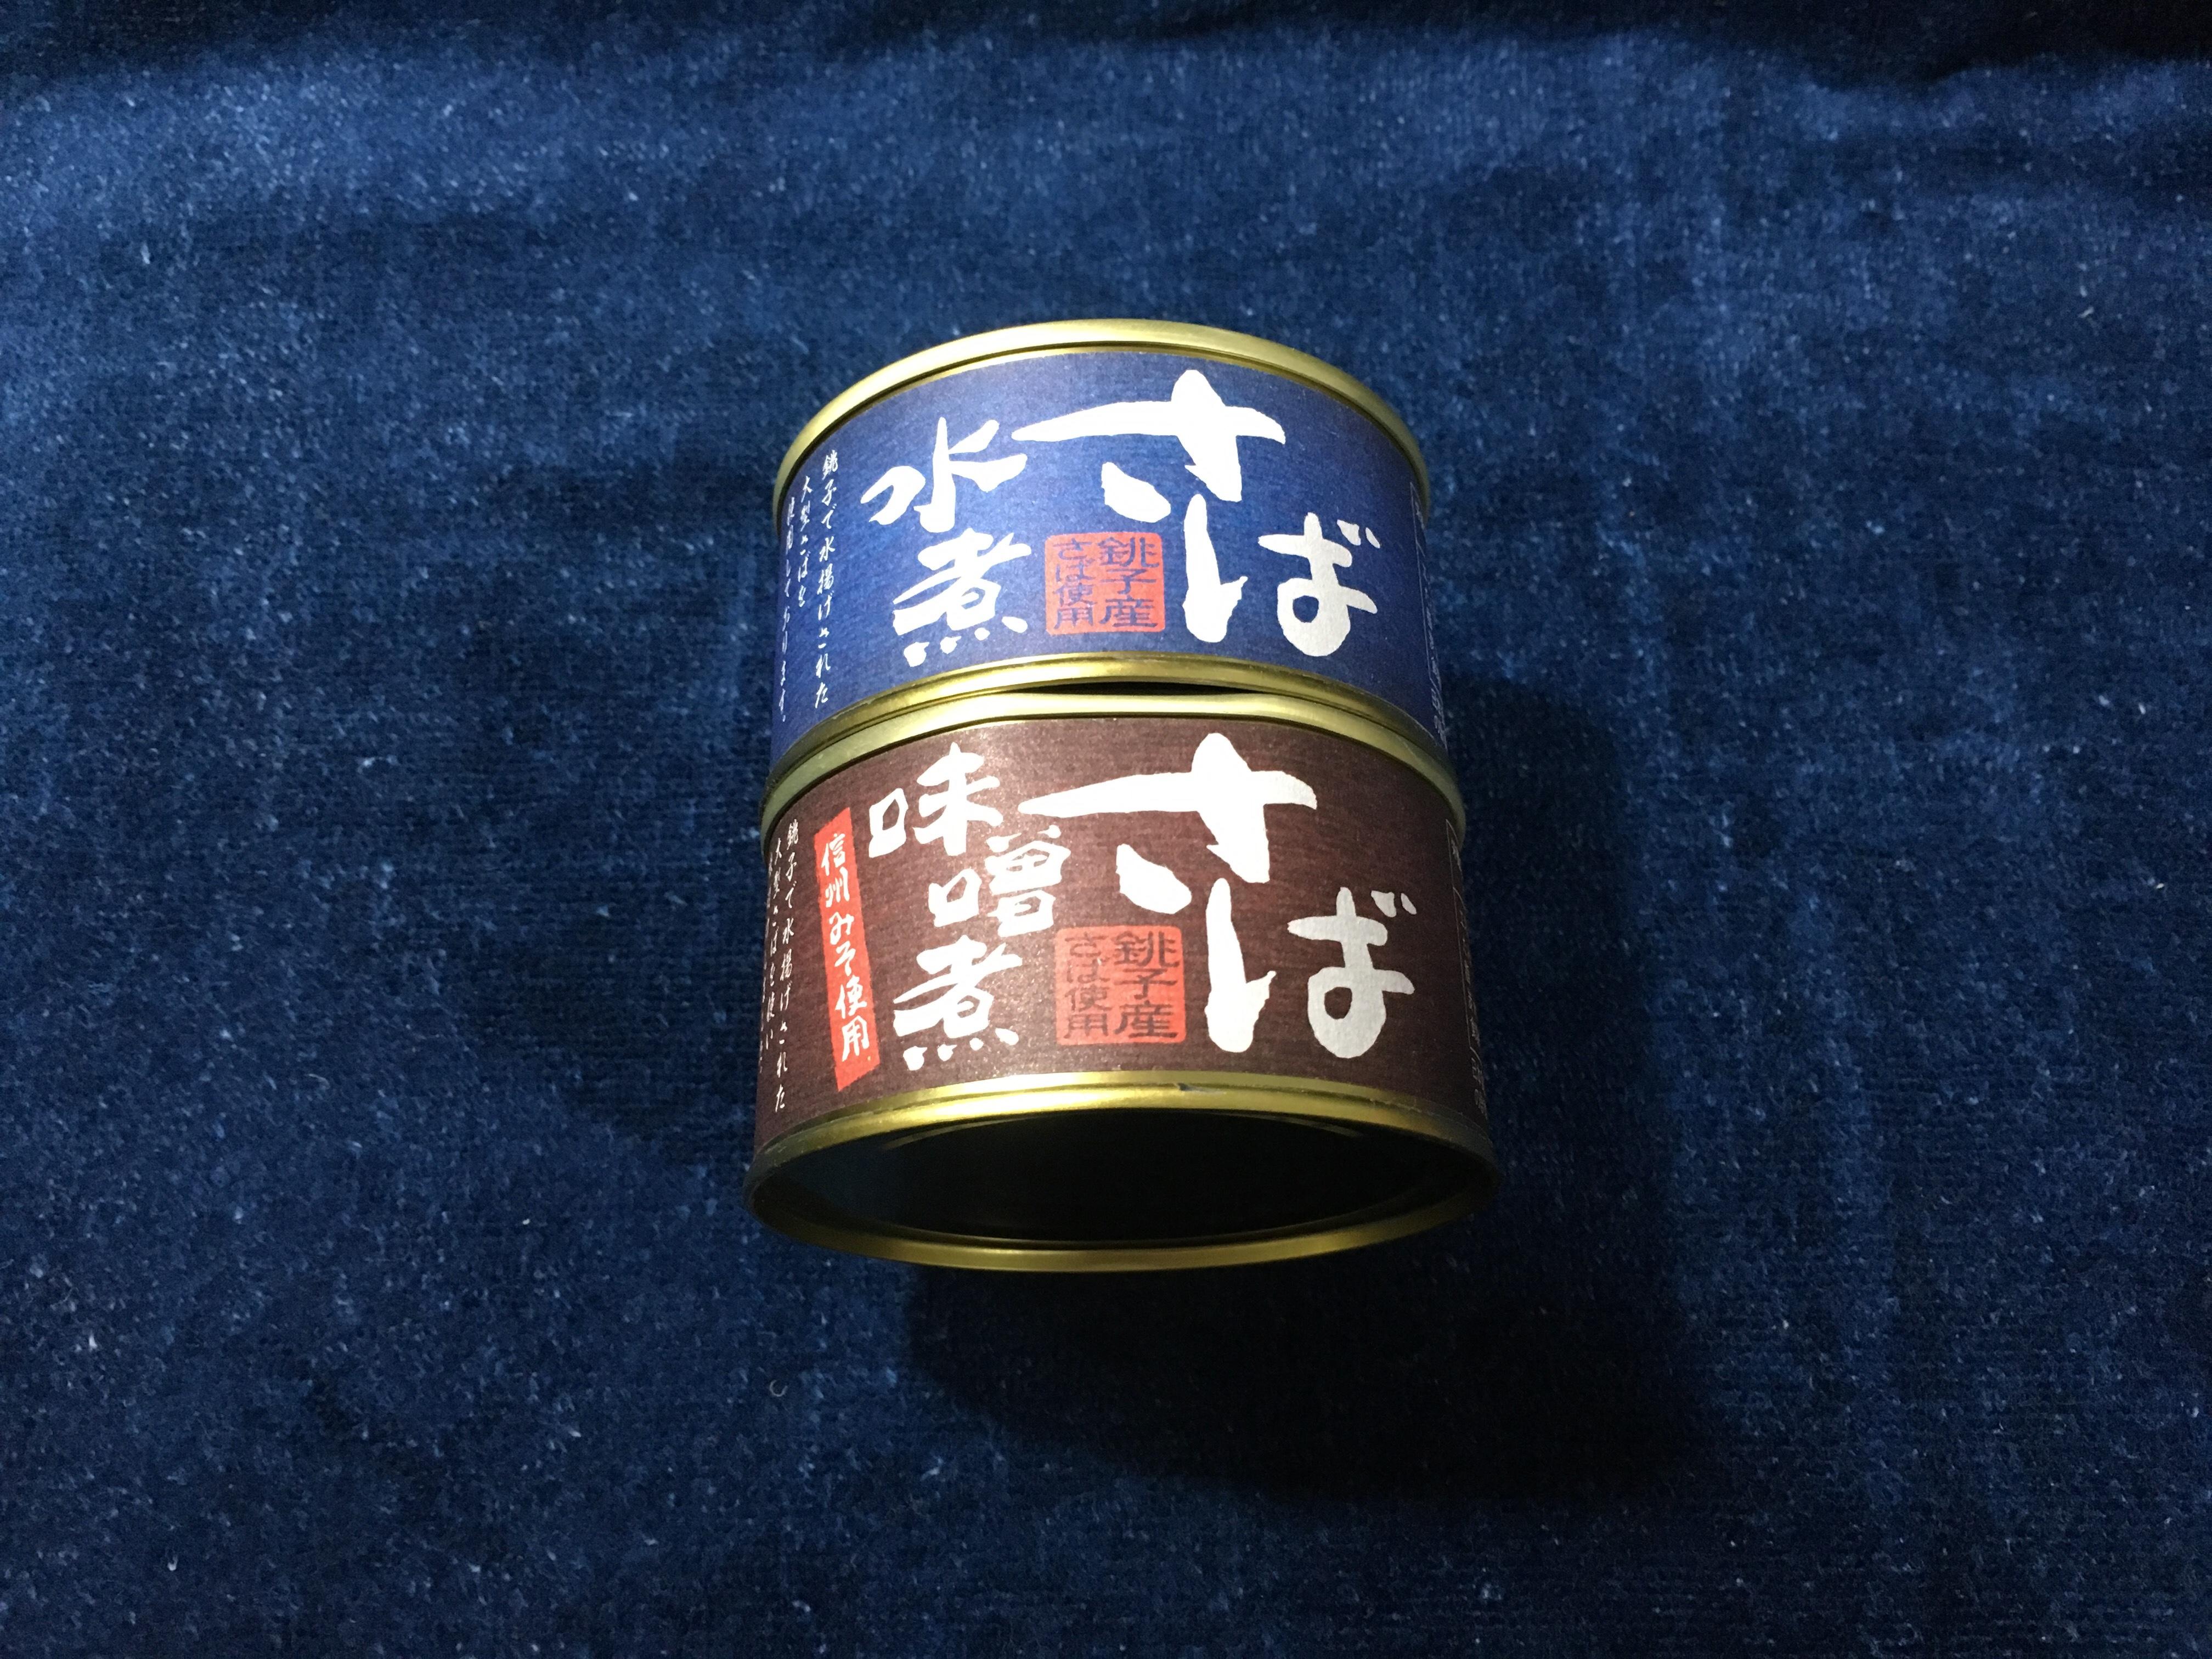 信田缶詰 さば 水煮 味噌煮